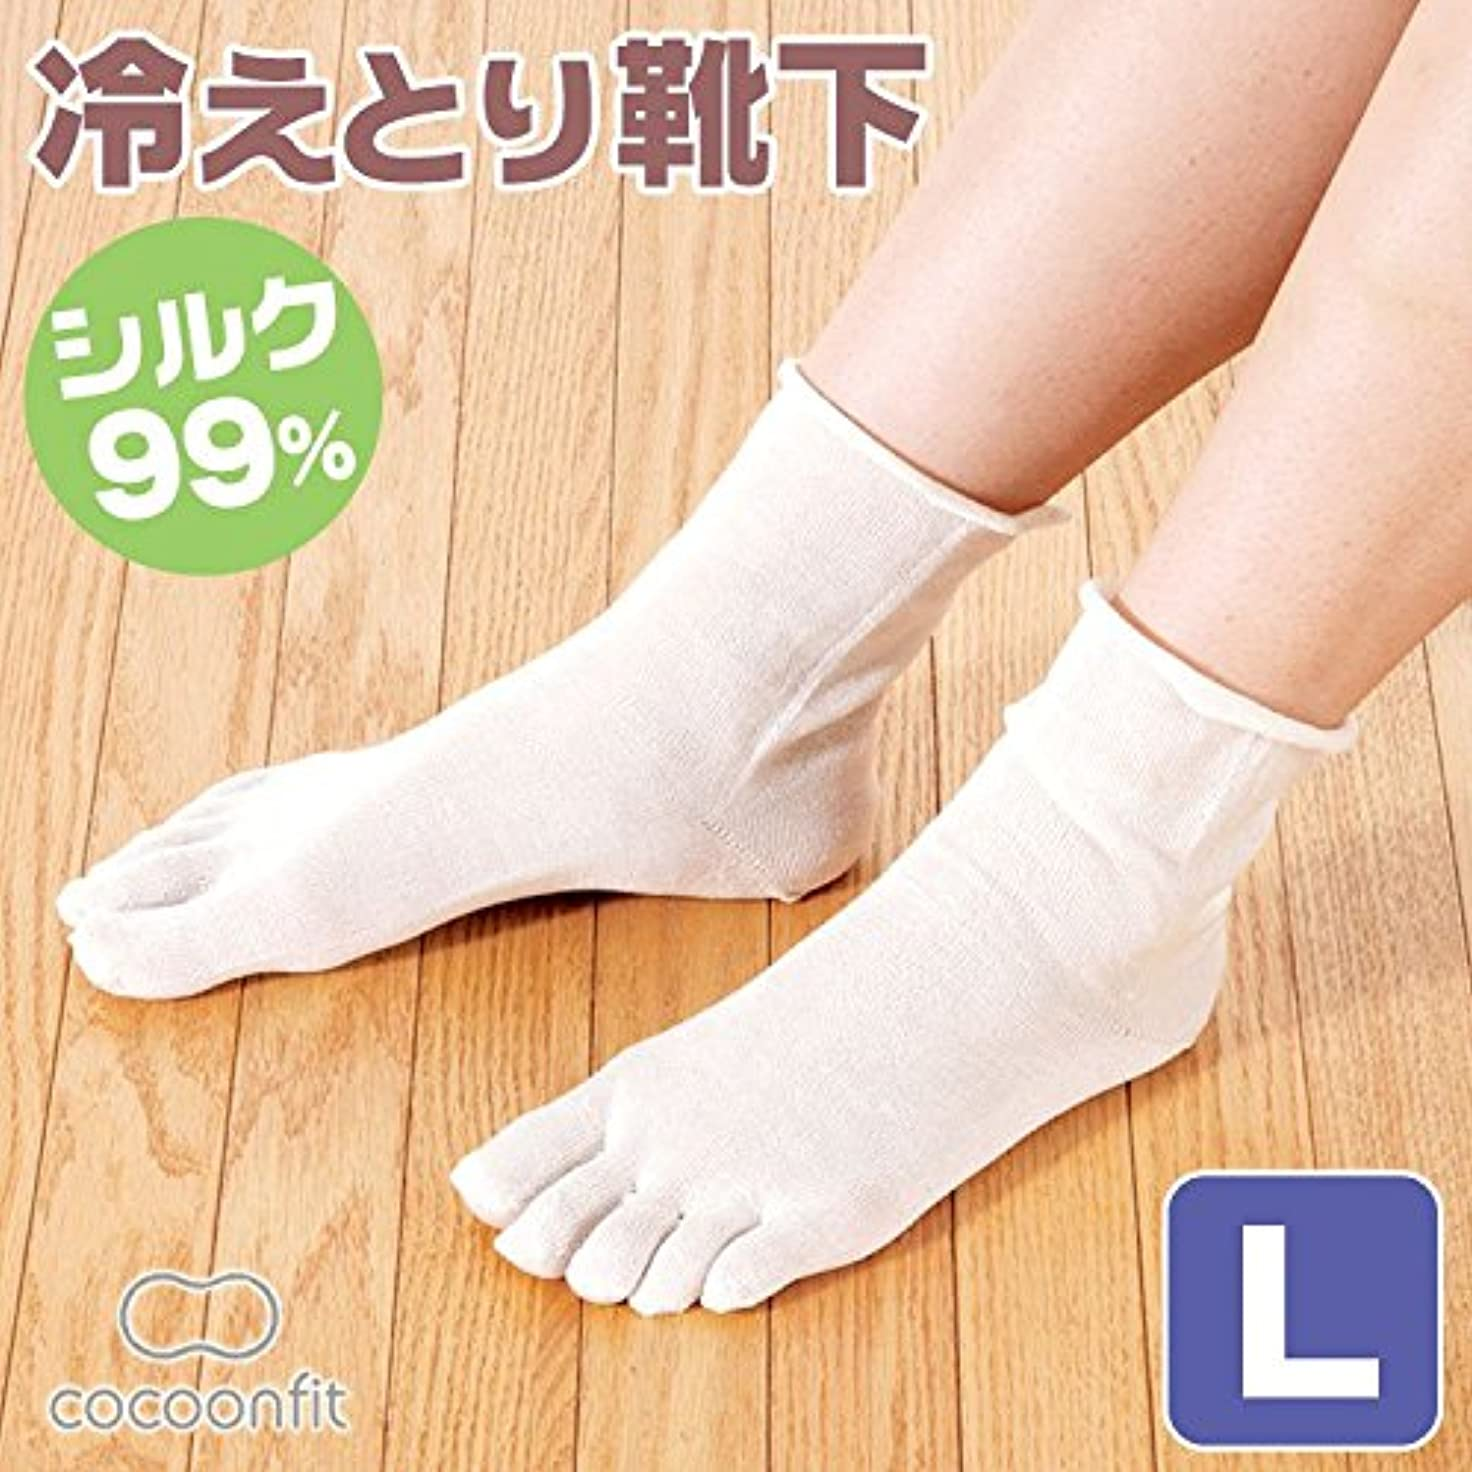 コーヒー症状助けになる冷え取り靴下 5本指ソックス シルク[Lサイズ:25~27cm] ※重ね履き靴下の1枚目のみ cocoonfit